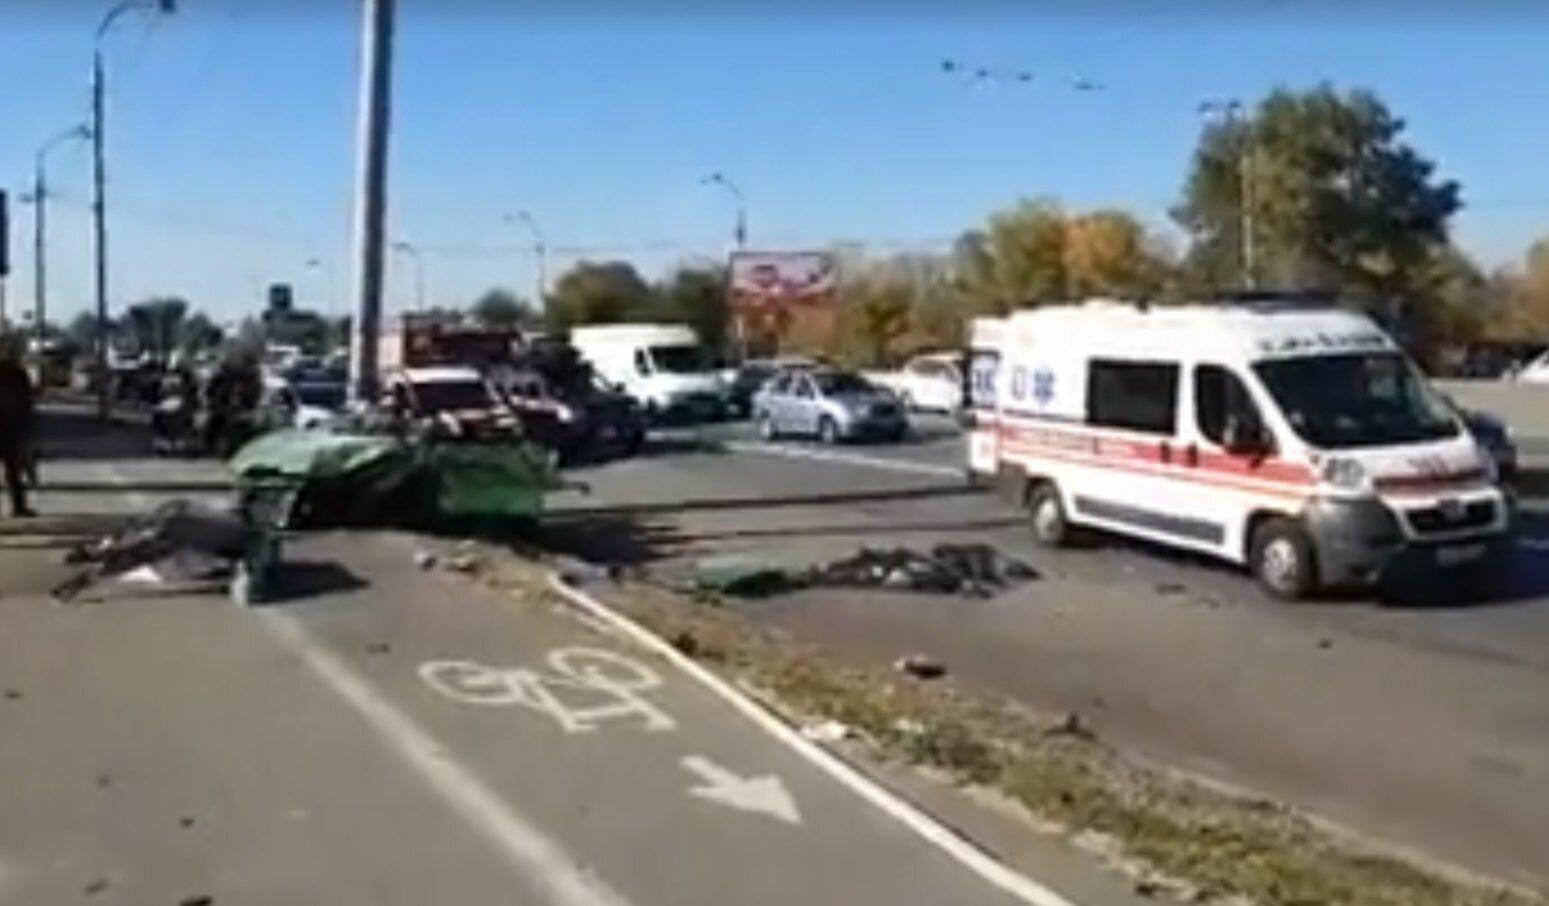 ВКиеве легковушка врезалась встолб: двое погибших, трое вкрайне тяжелом состоянии